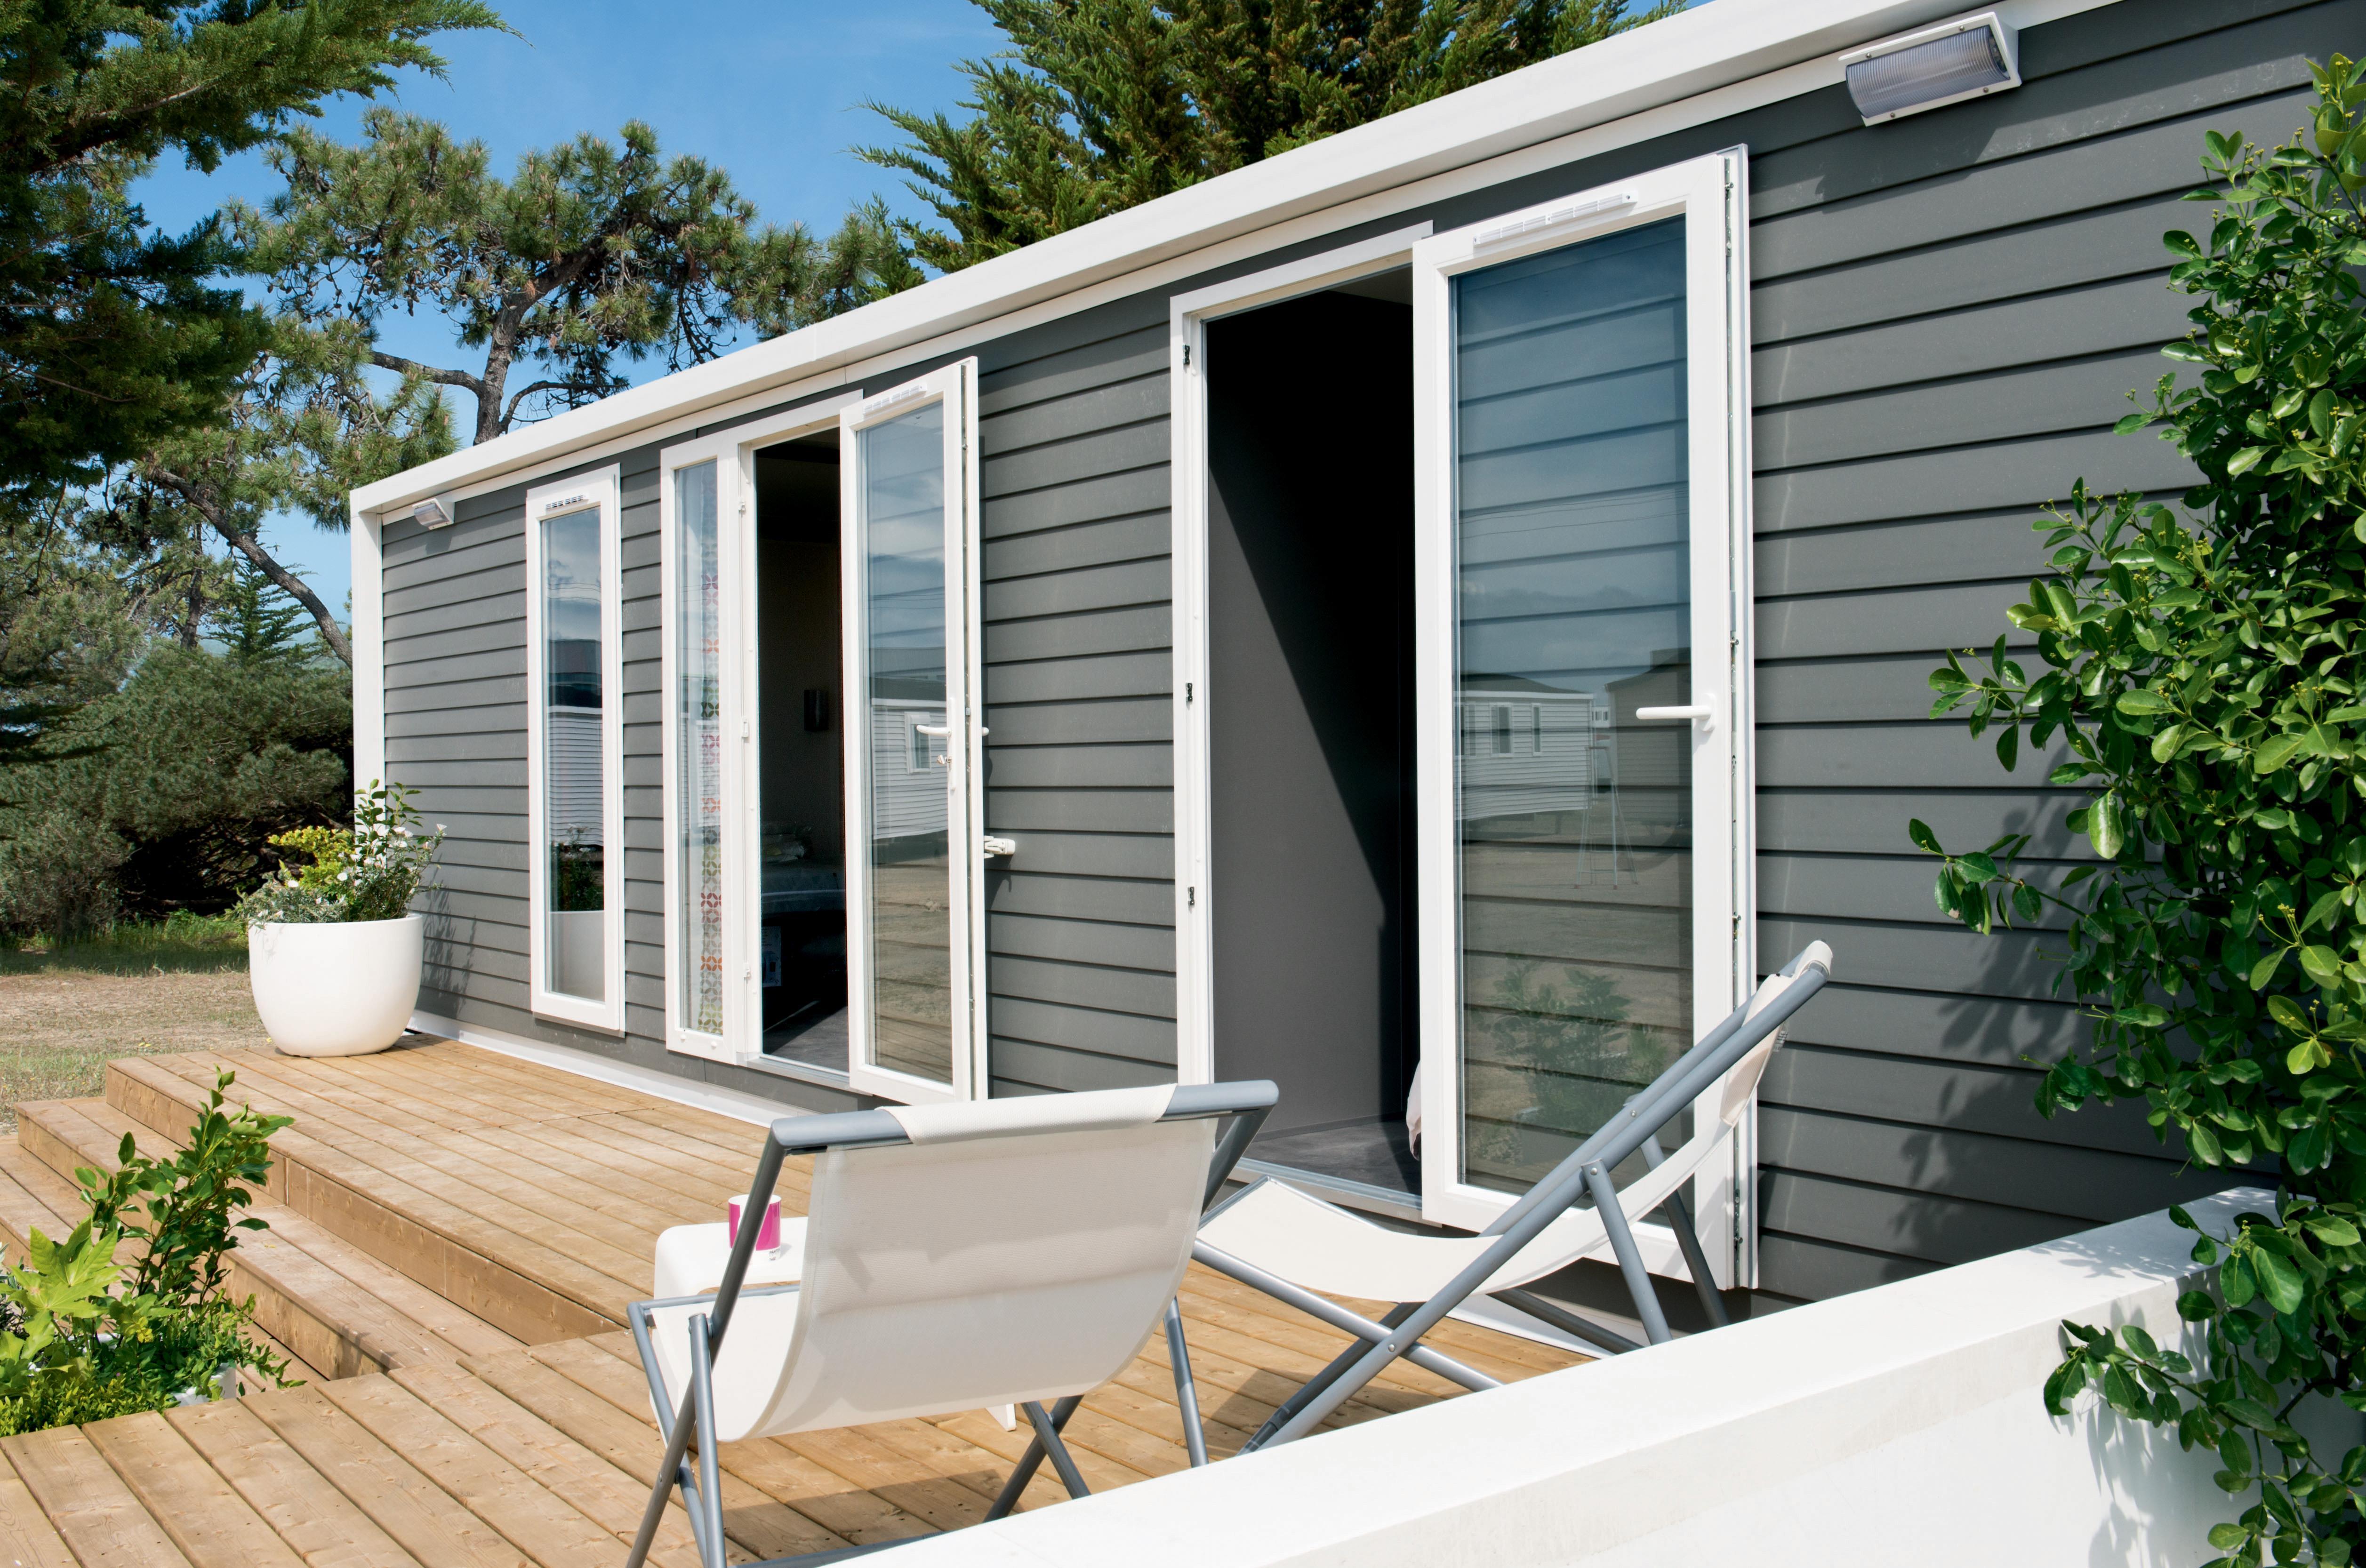 Location - Mobil-Home Prestige 33M² (2 Chambres) - 2 Salles De Bains  Climatise / Lave Vaisselle / Tv  Incluse Dans Chaque Chambre - Terrasse Couverte 15M² - Flower Camping Domaine de Gajan